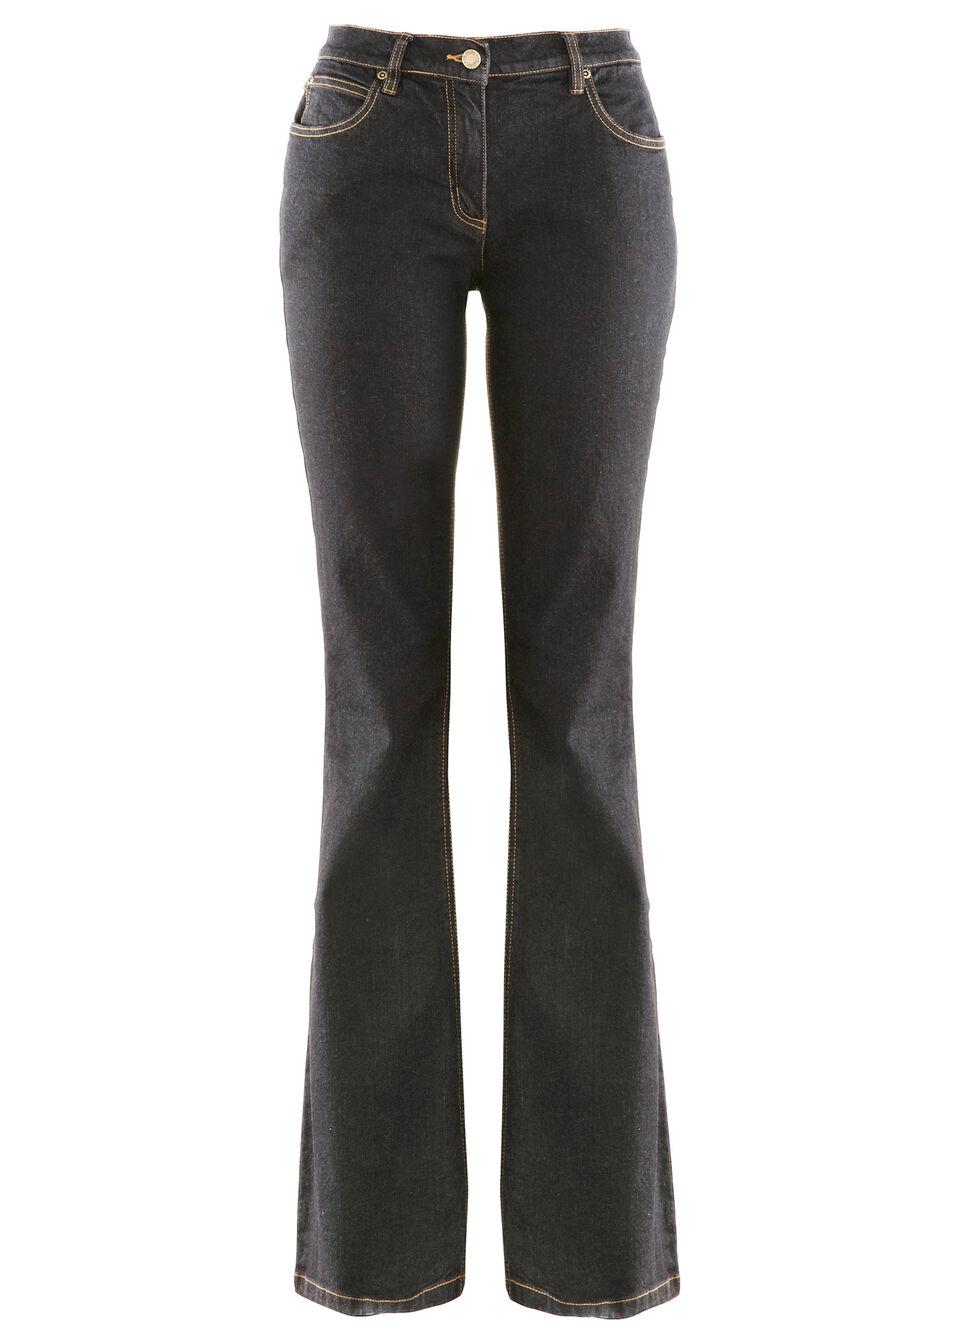 Хит продаж: джинсы-стретч BOOTCUT от bonprix